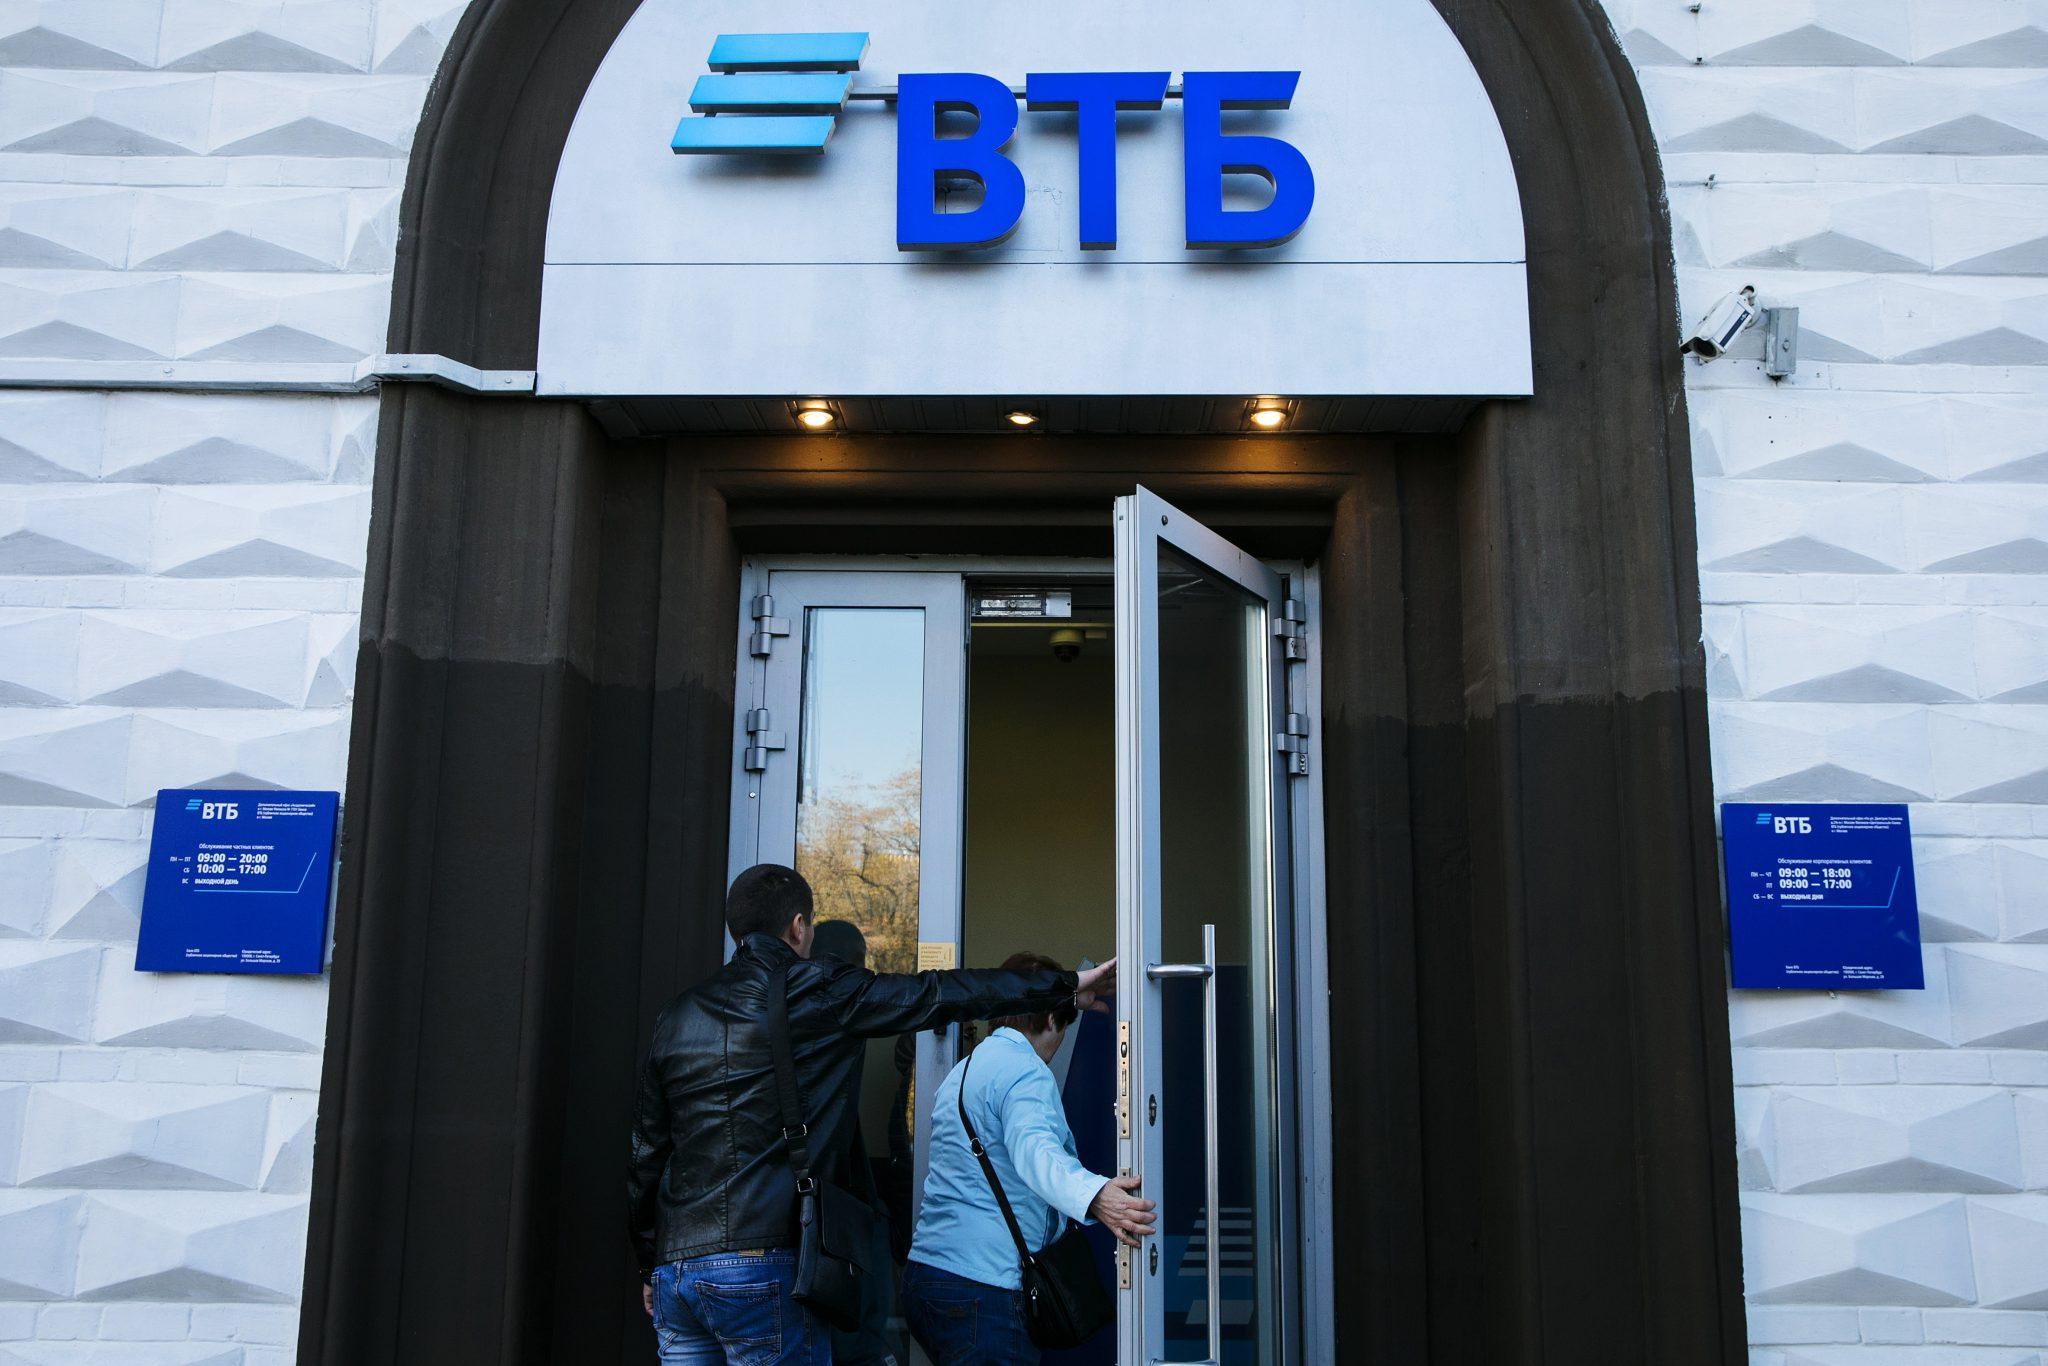 ВТБ и «Сумитек Интернейшнл» запустили оплату заказов с использованием СБП - новости Афанасий